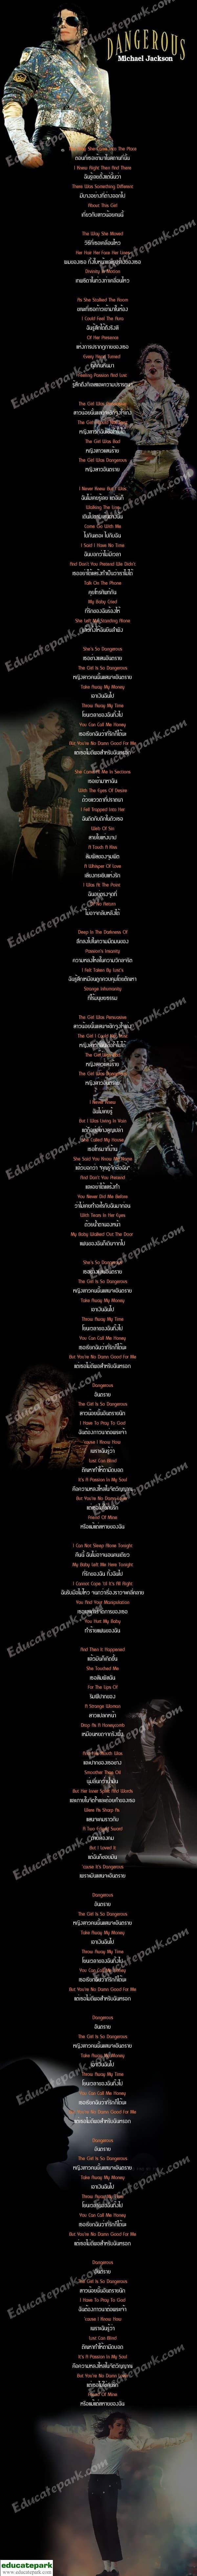 แปลเพลง Dangerous - Michael Jackson